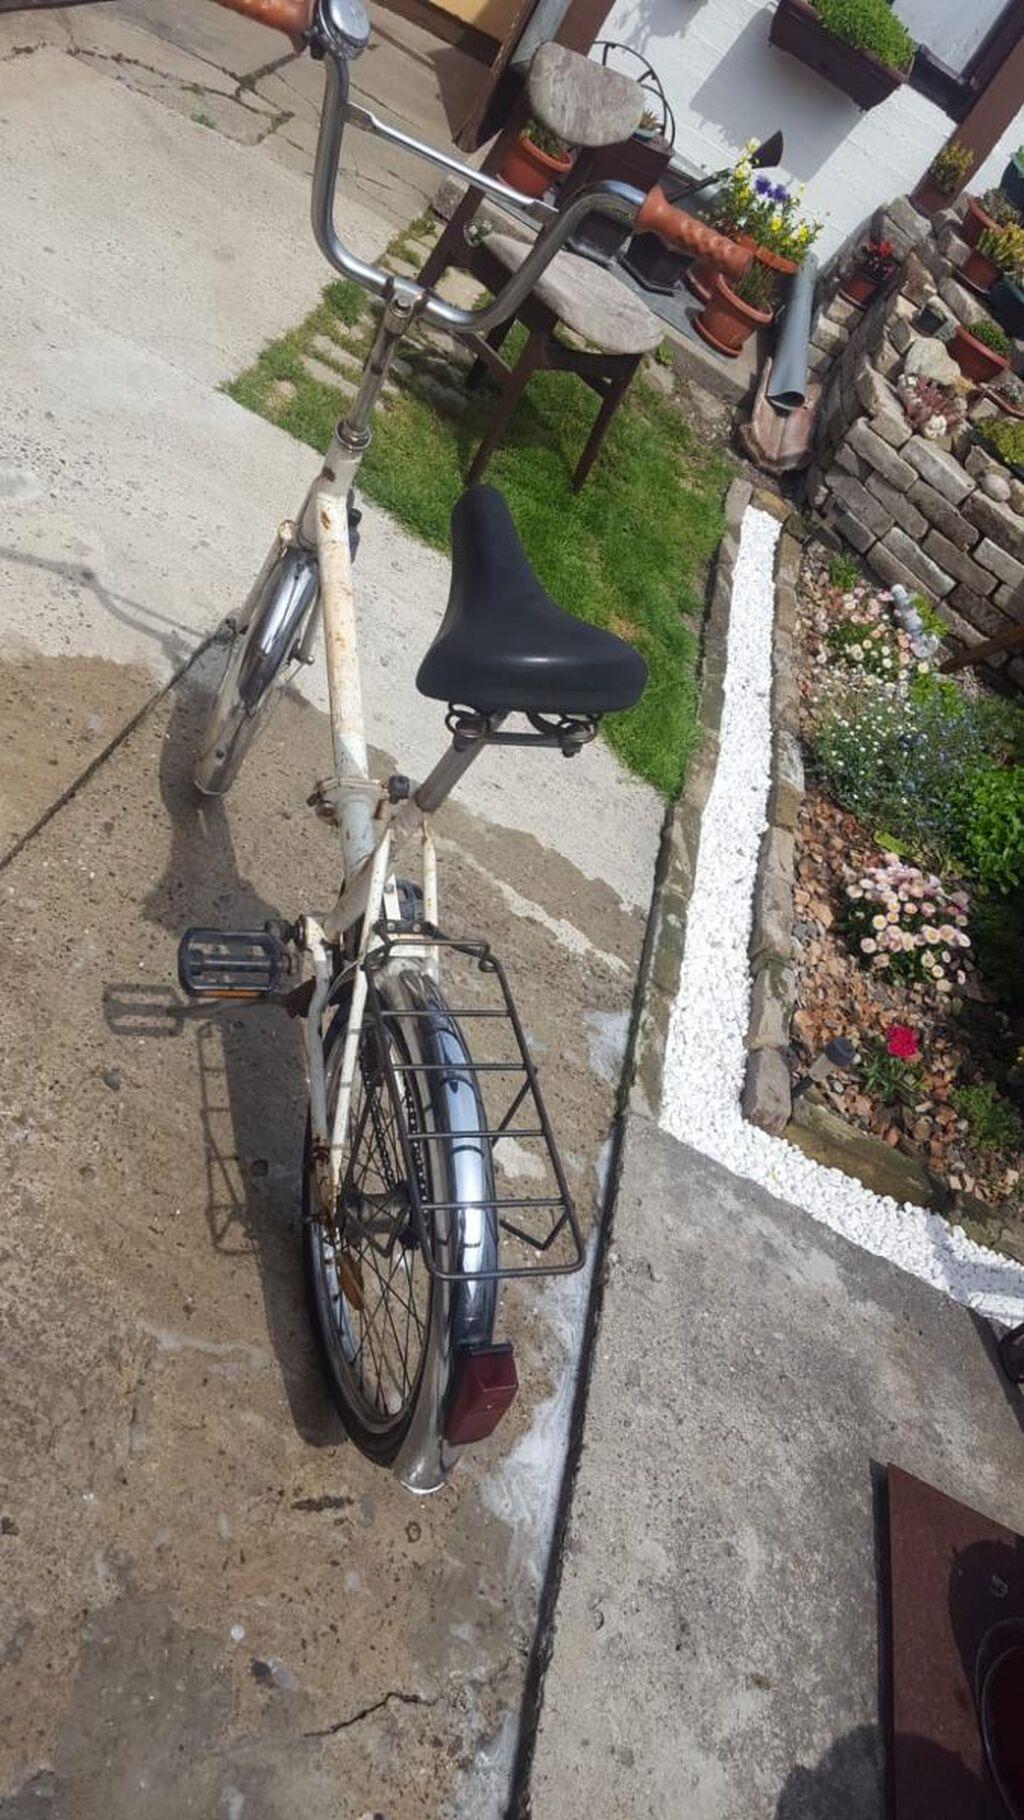 Bicikla starijeg modela u ispravnom stanju, ali sa vidljivim tragovima korišćenja